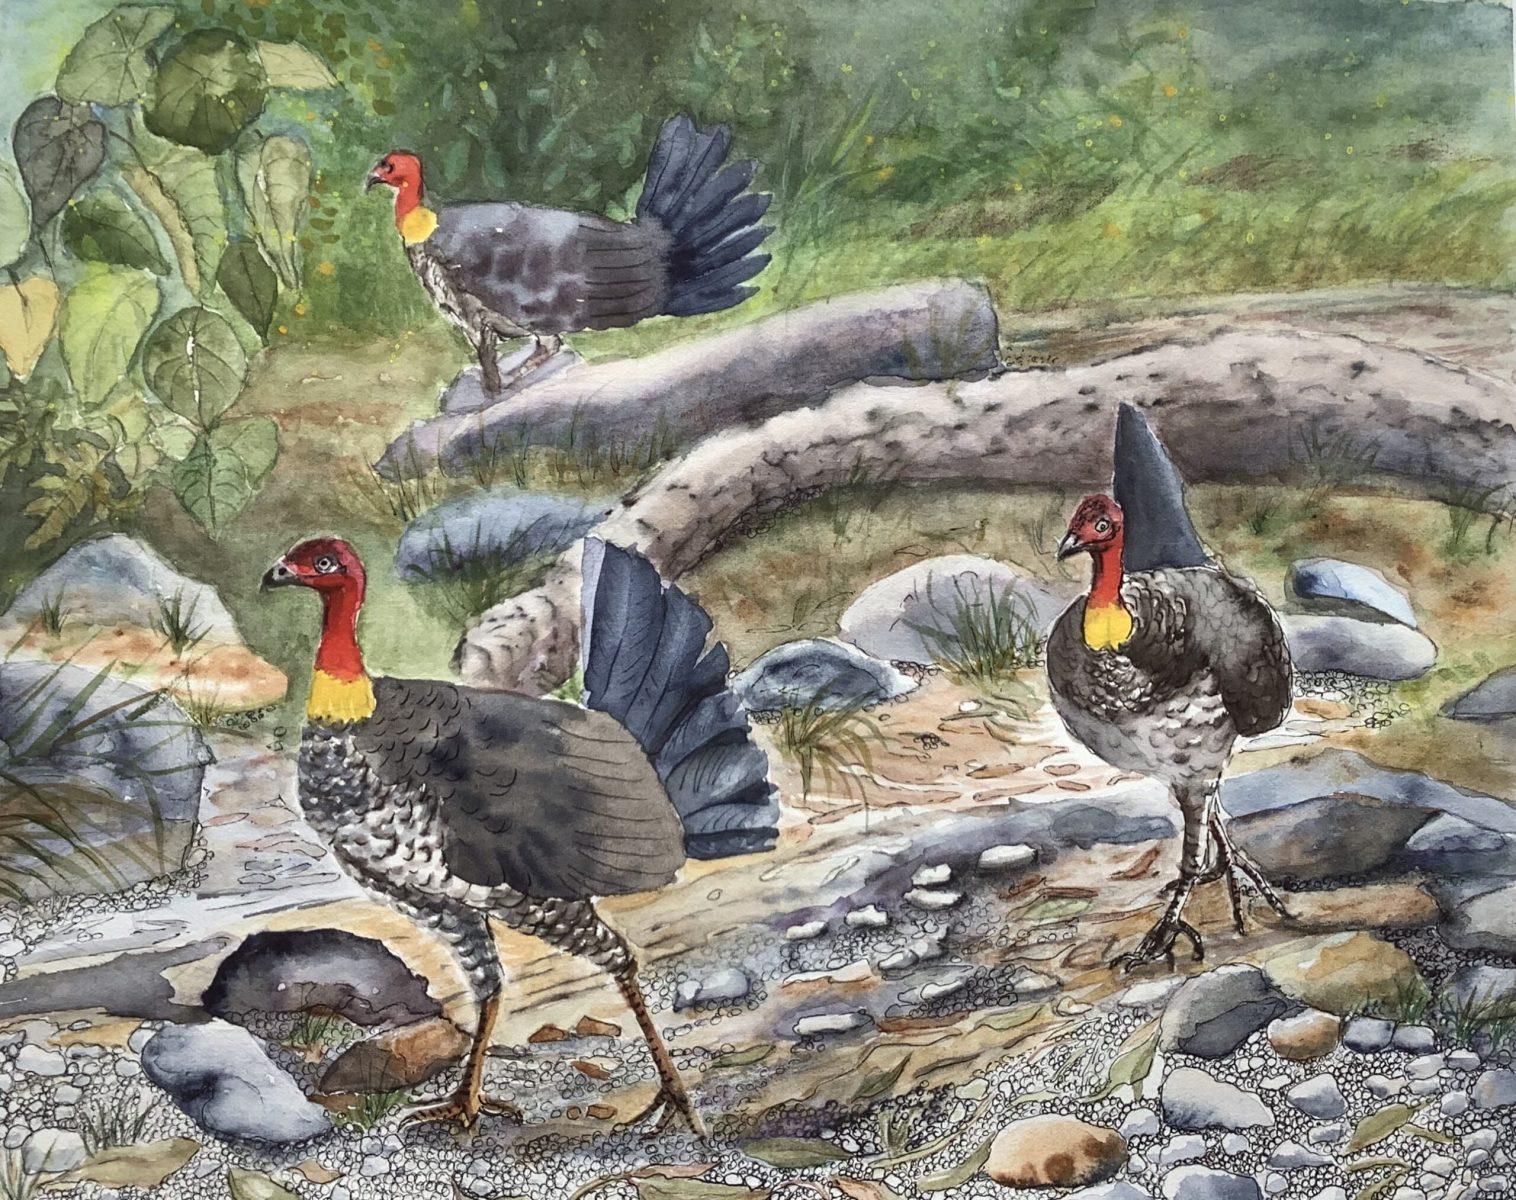 Rosemary Morgan - Bush Turkeys